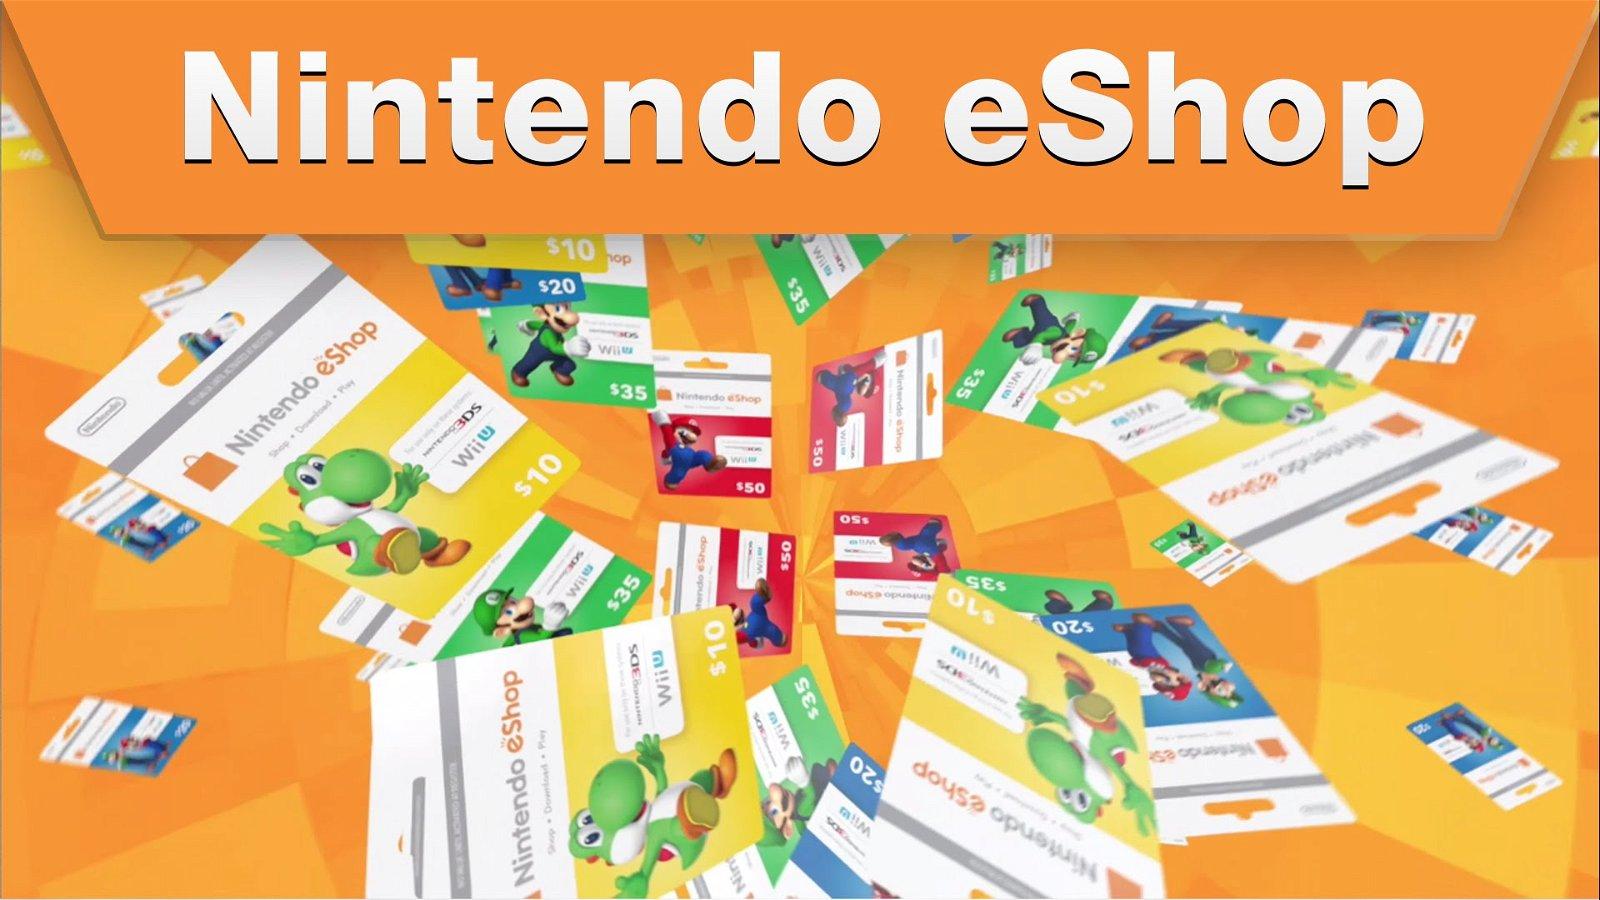 Nintendo eShop gets Slew of New Indie Games